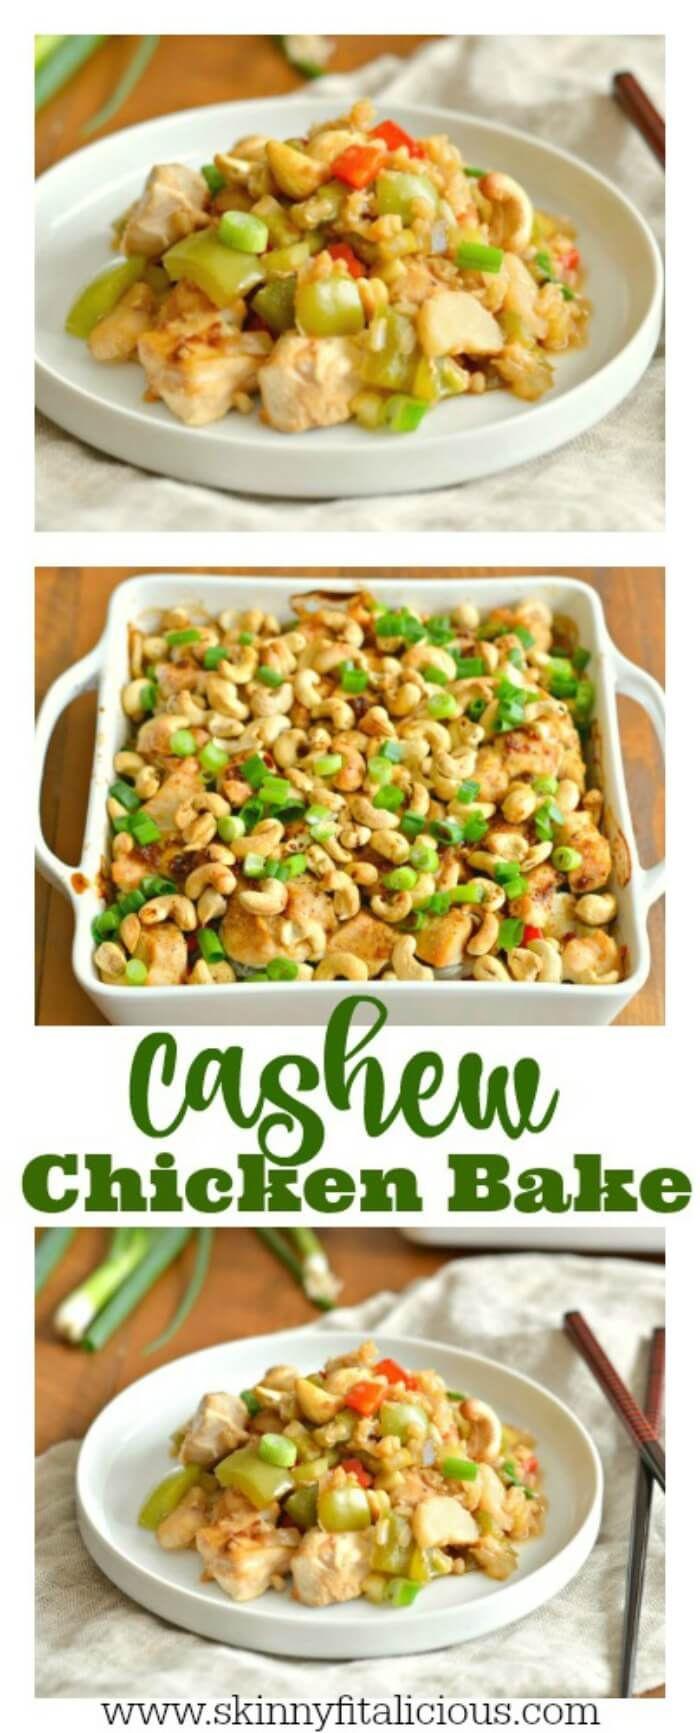 Low Calorie Vegetable Recipes  100 Low Calorie Recipes on Pinterest